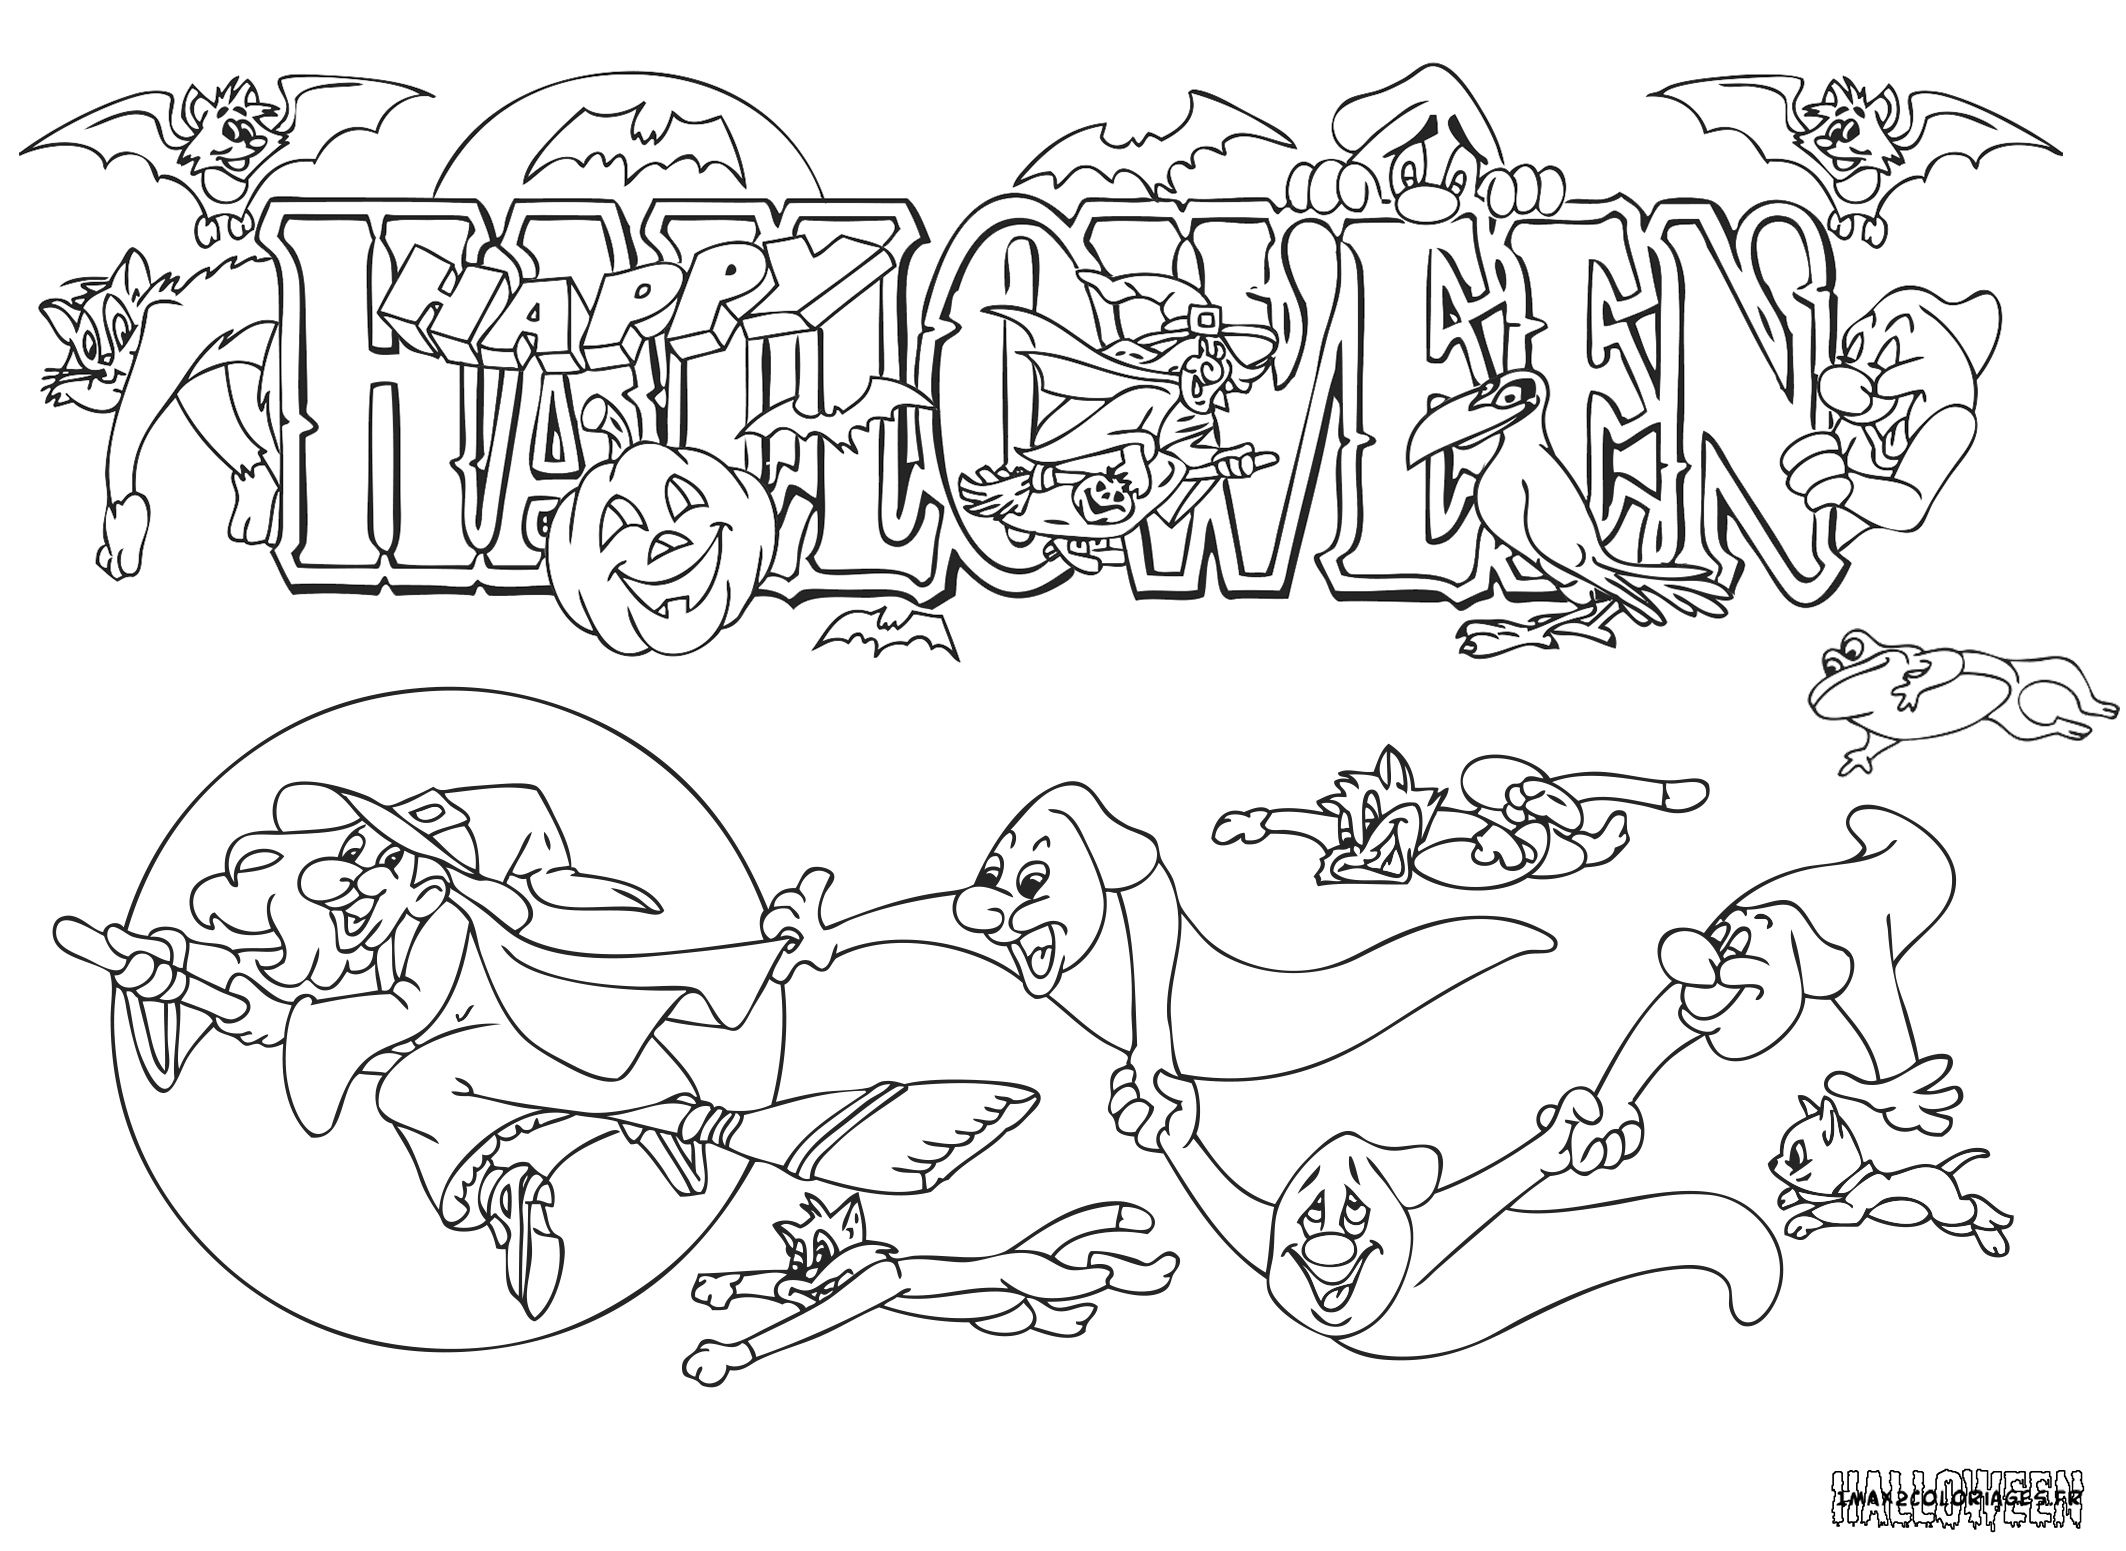 Dessin Joyeux Halloween.Happy Halloween A Colorier Colorier Coloriage Coloriage Halloween